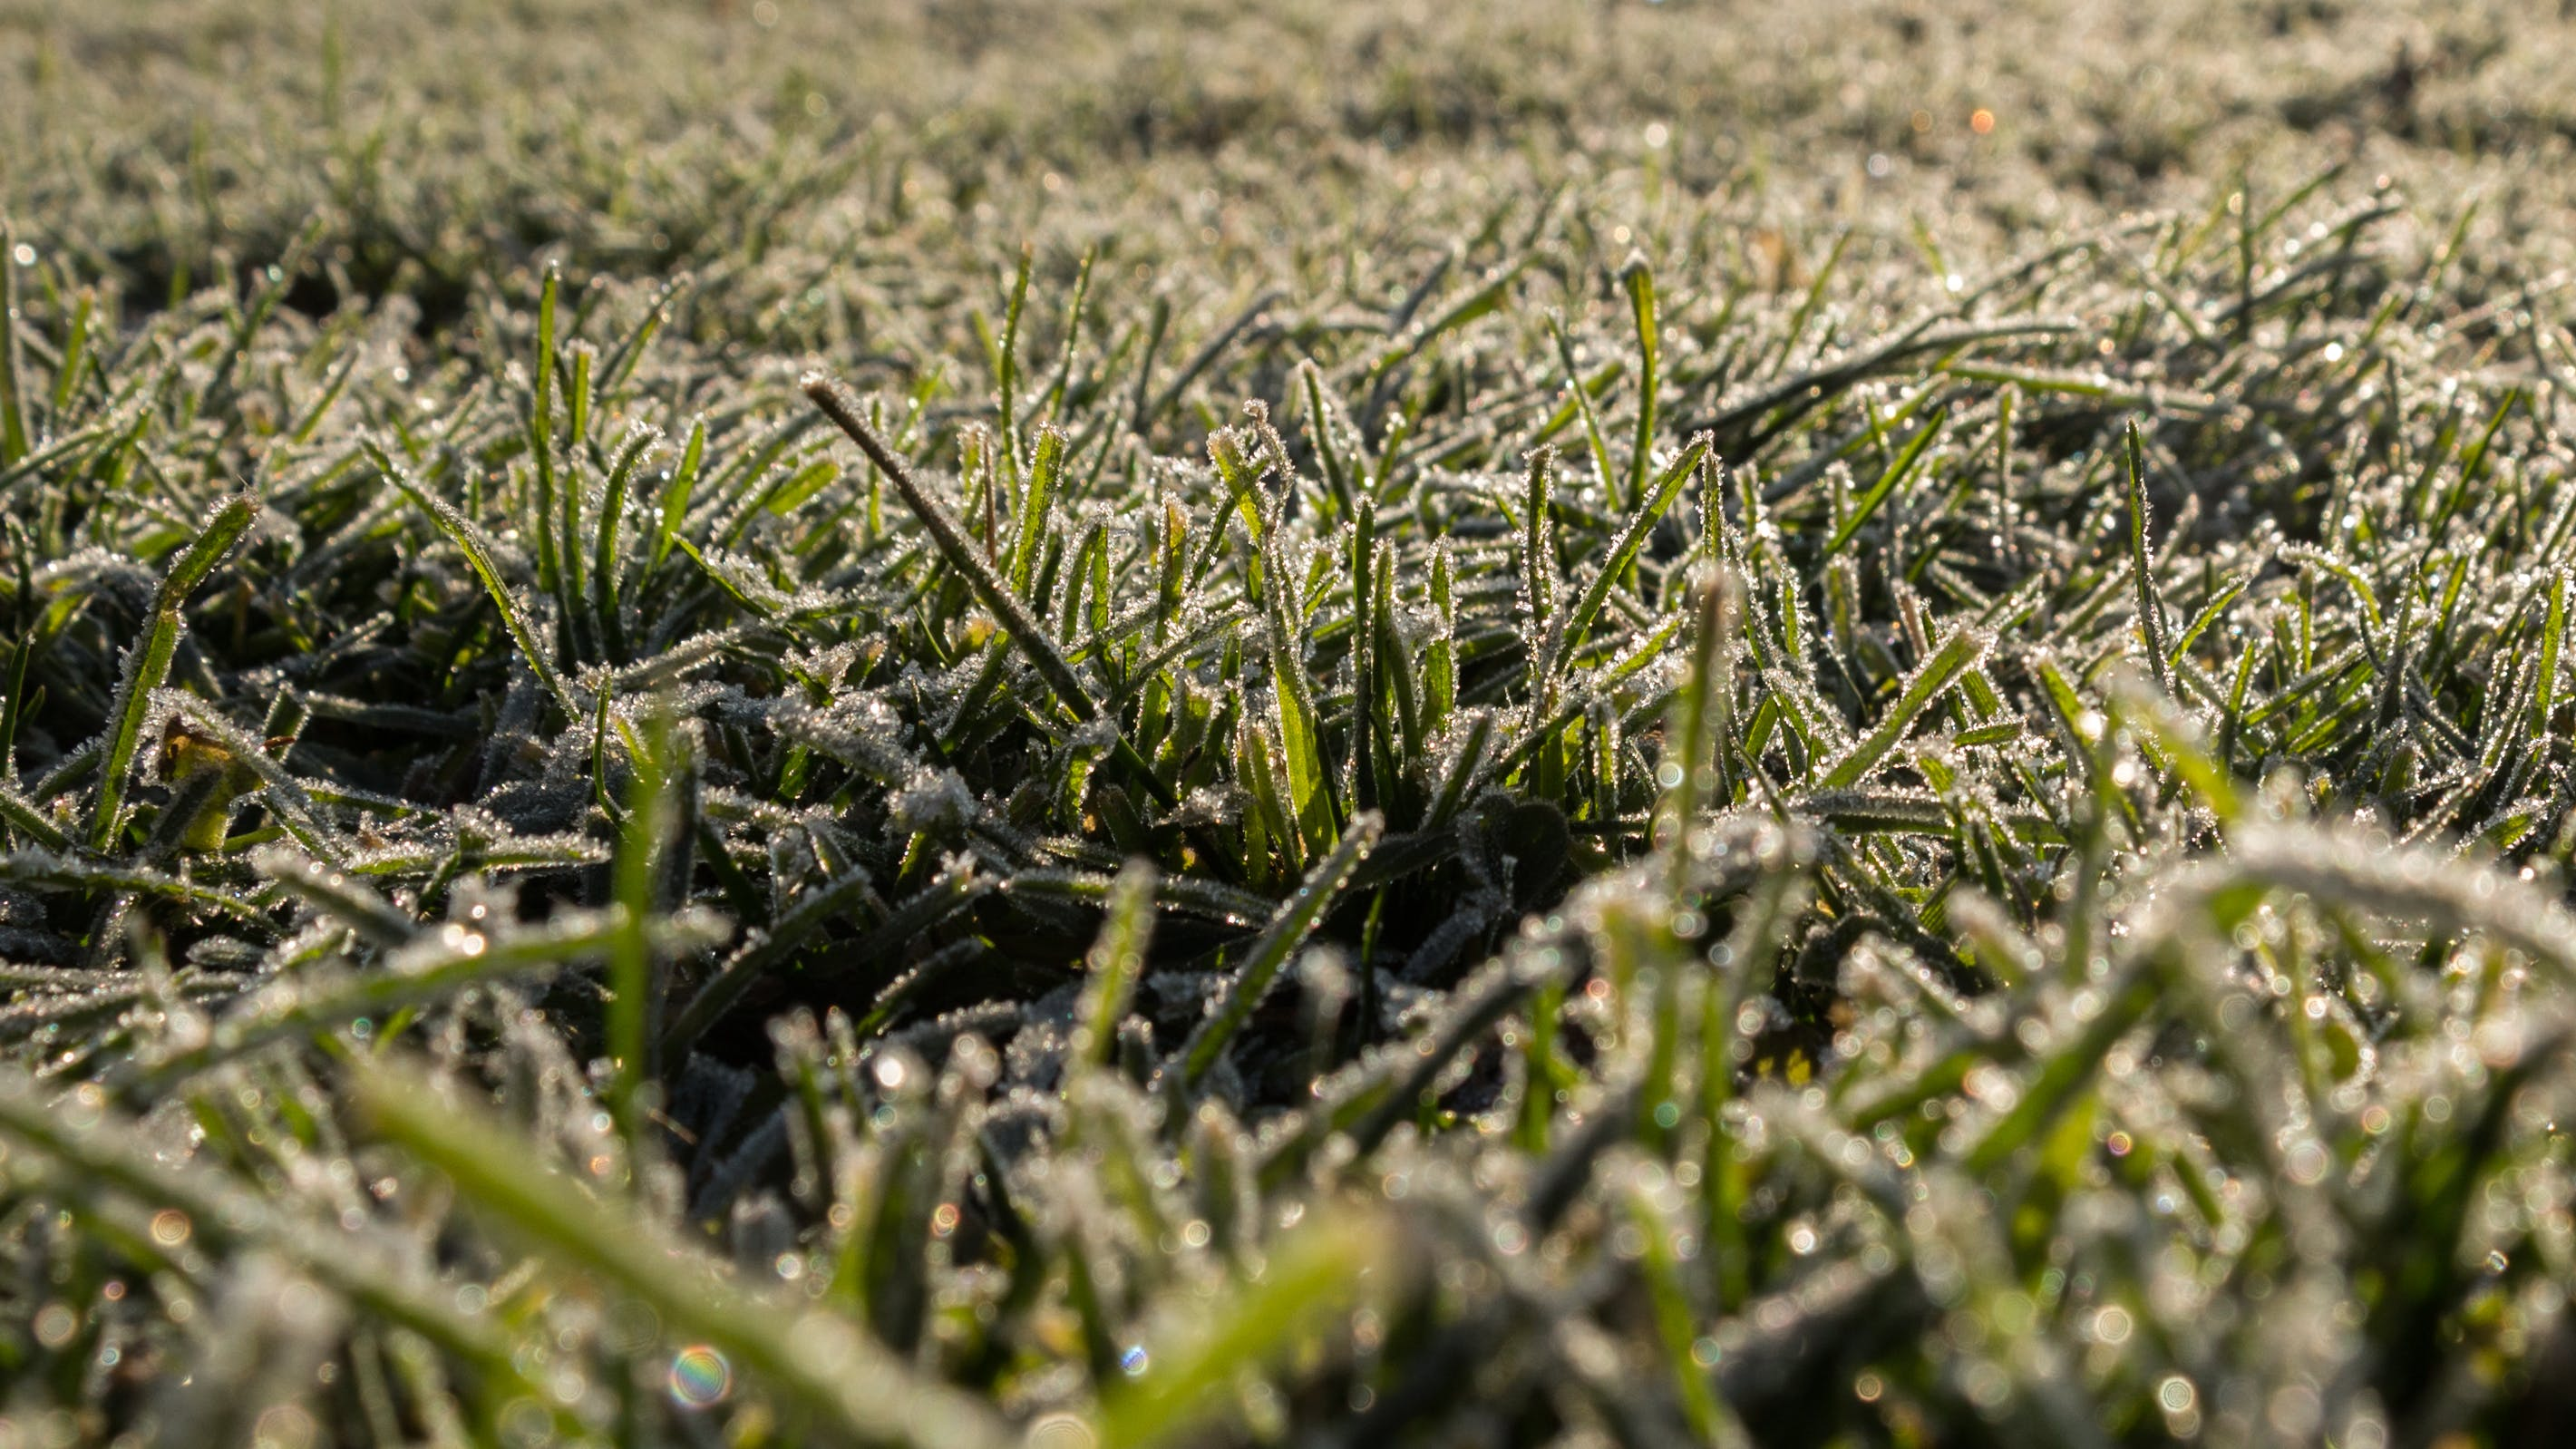 Gratis stockfoto met aarde, close-up, gras, groei